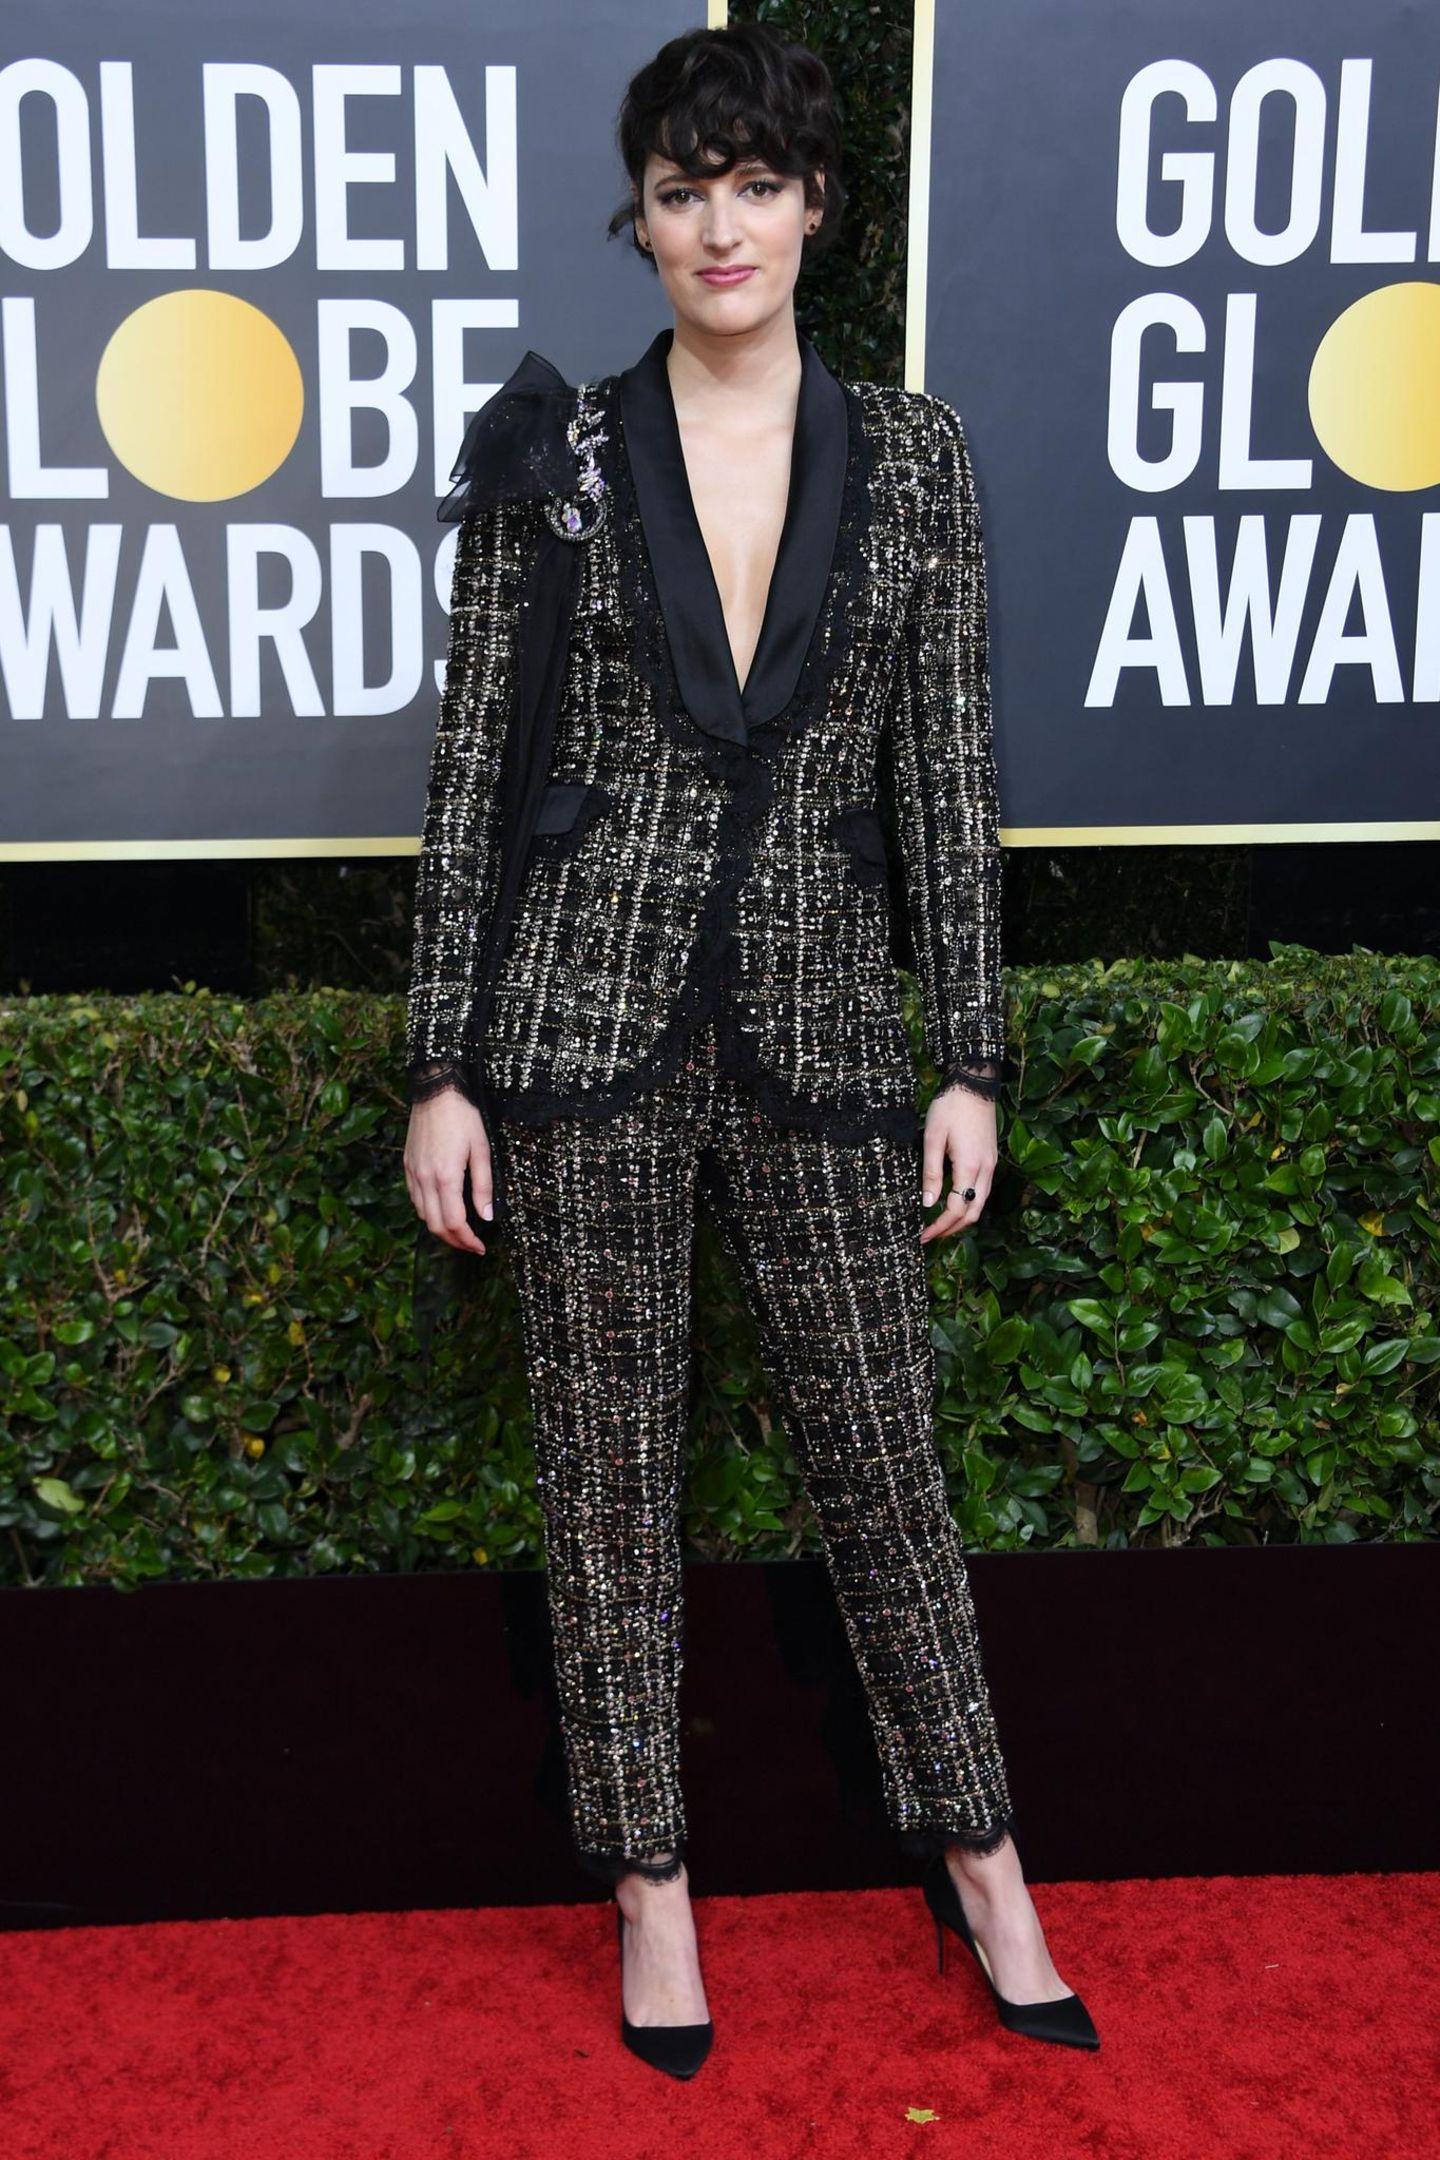 Golden Globes 2020: Phoebe Waller-Bridge